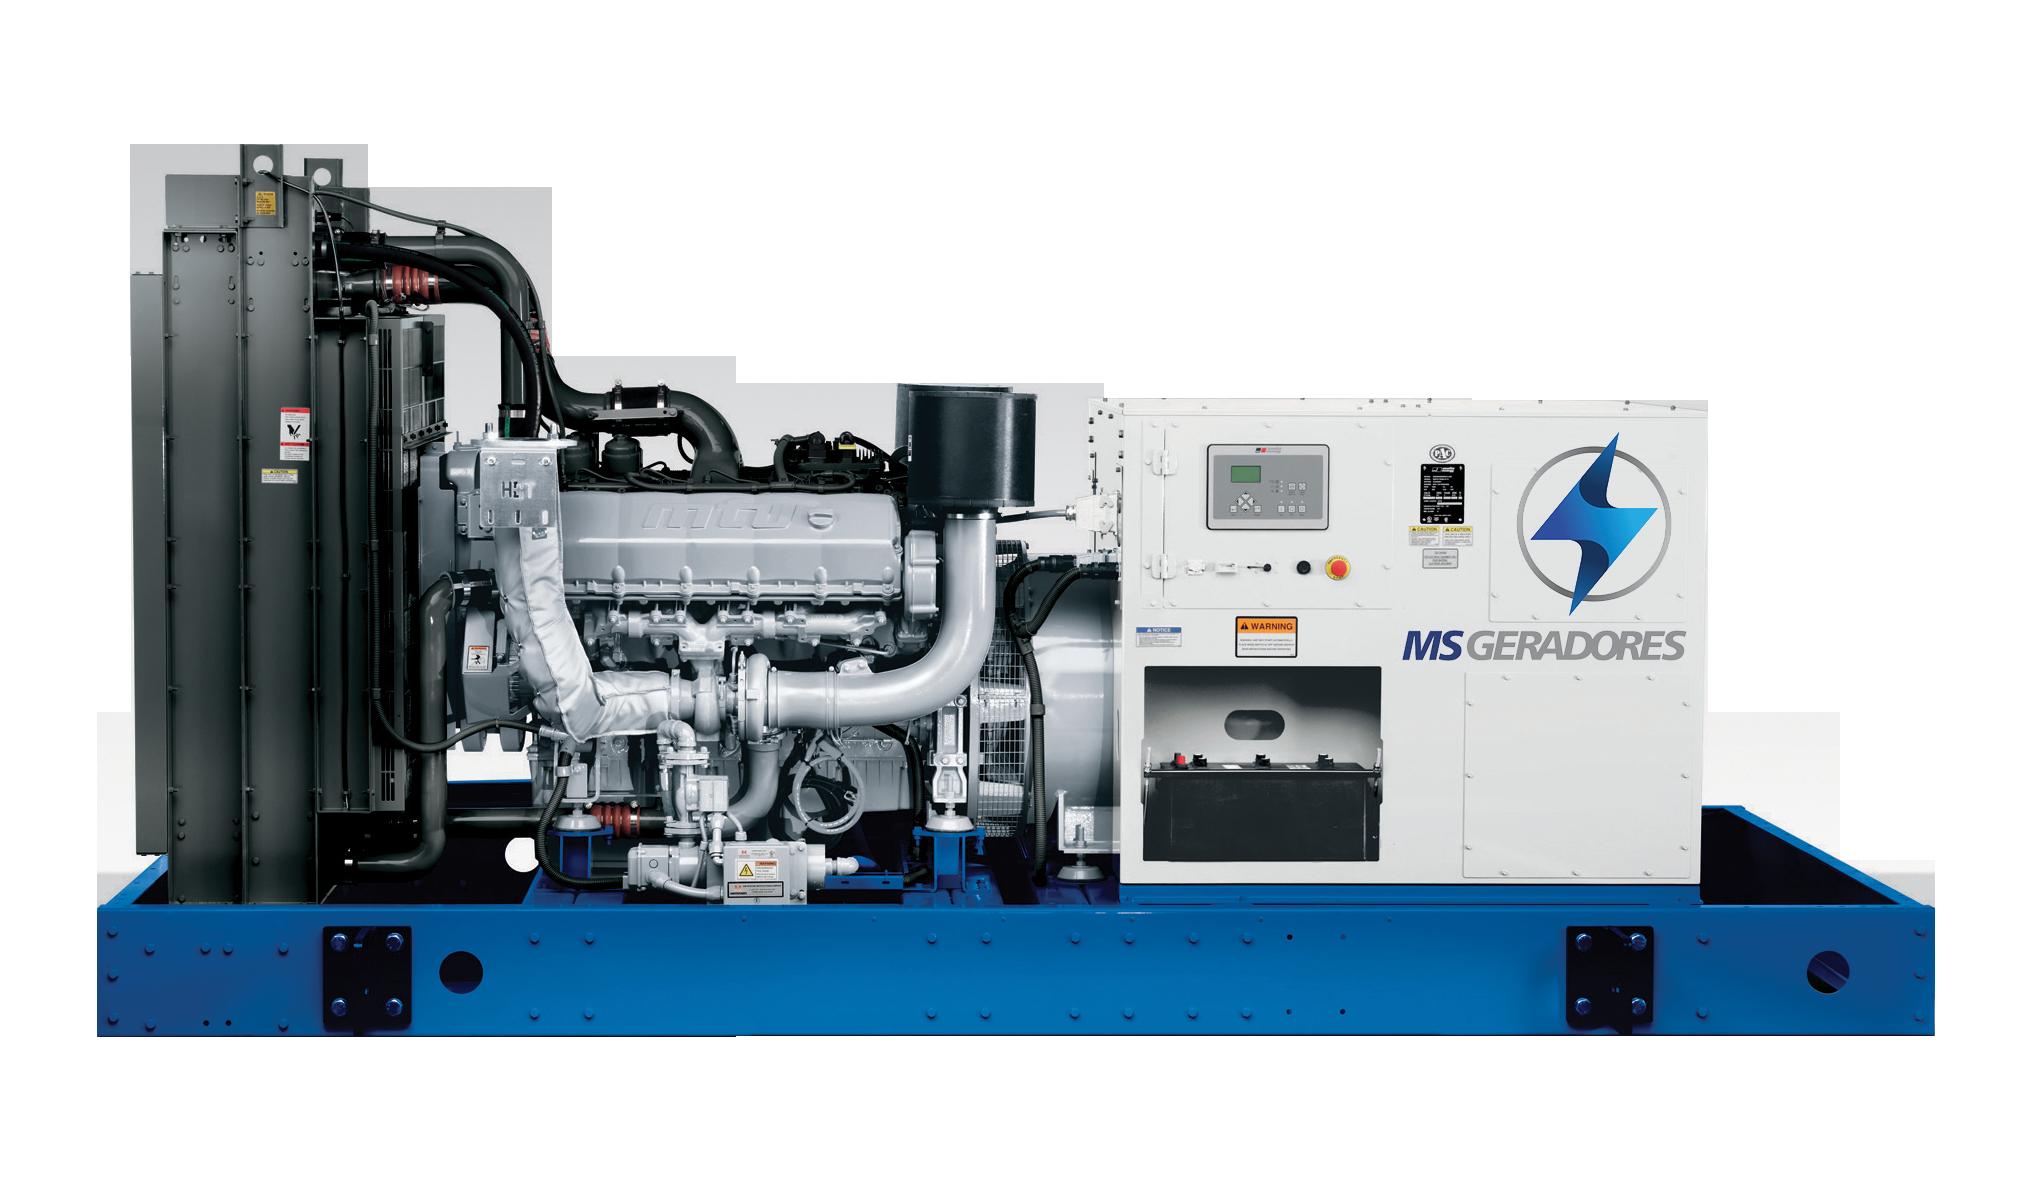 ccff778e589 MS Geradores - Grupo Gerador de Energia Diesel Kva MS Geradores